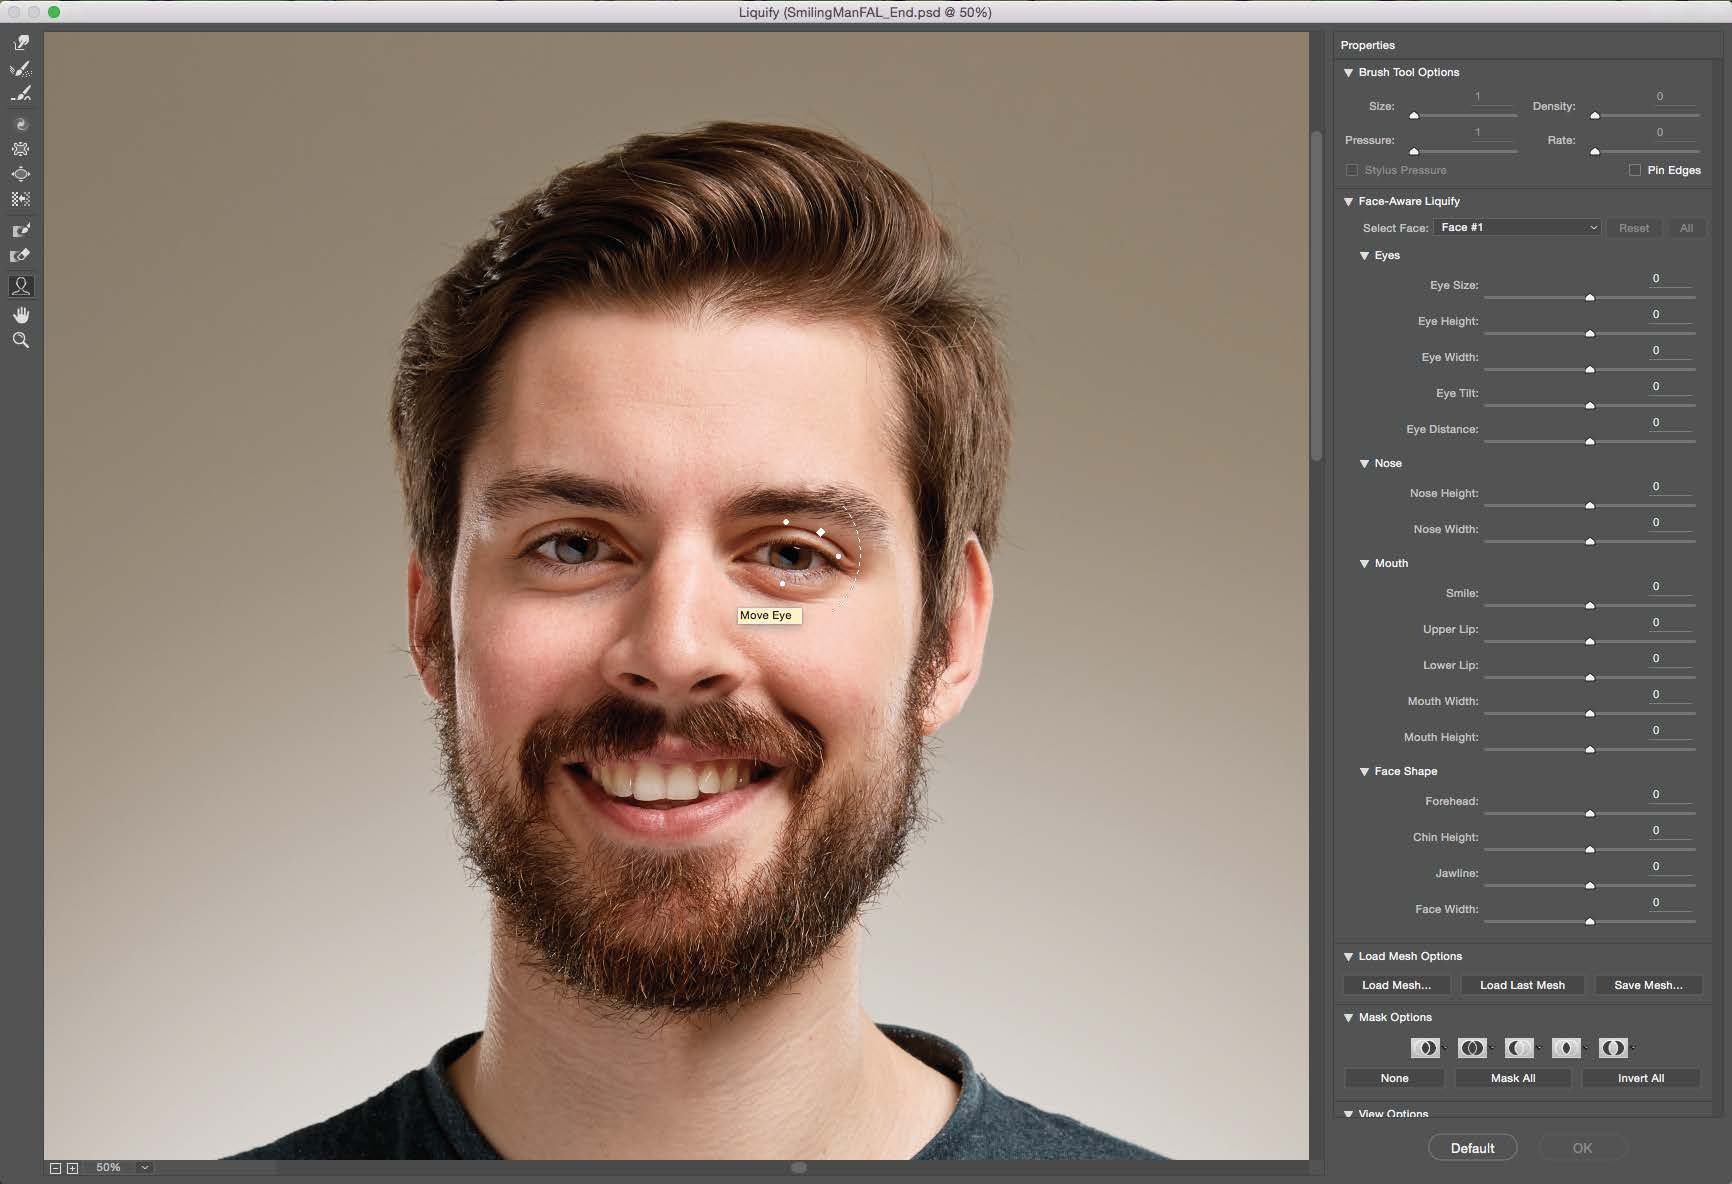 Adobe Facial Aware Liquify eases editing of facial features.